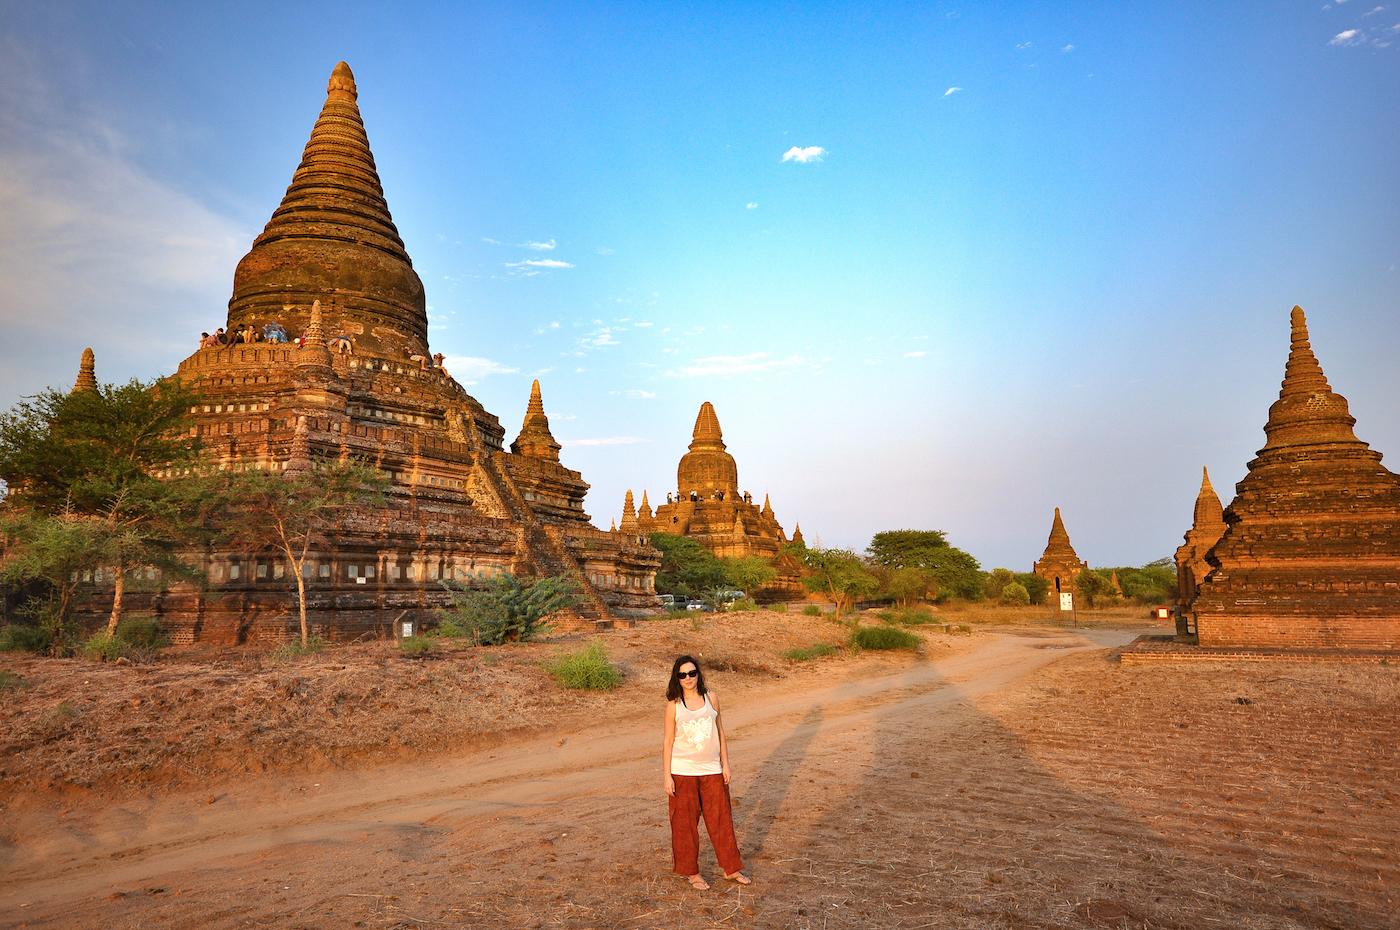 Pôr do sol nos templos de Bagan. Foto: David Mattatia